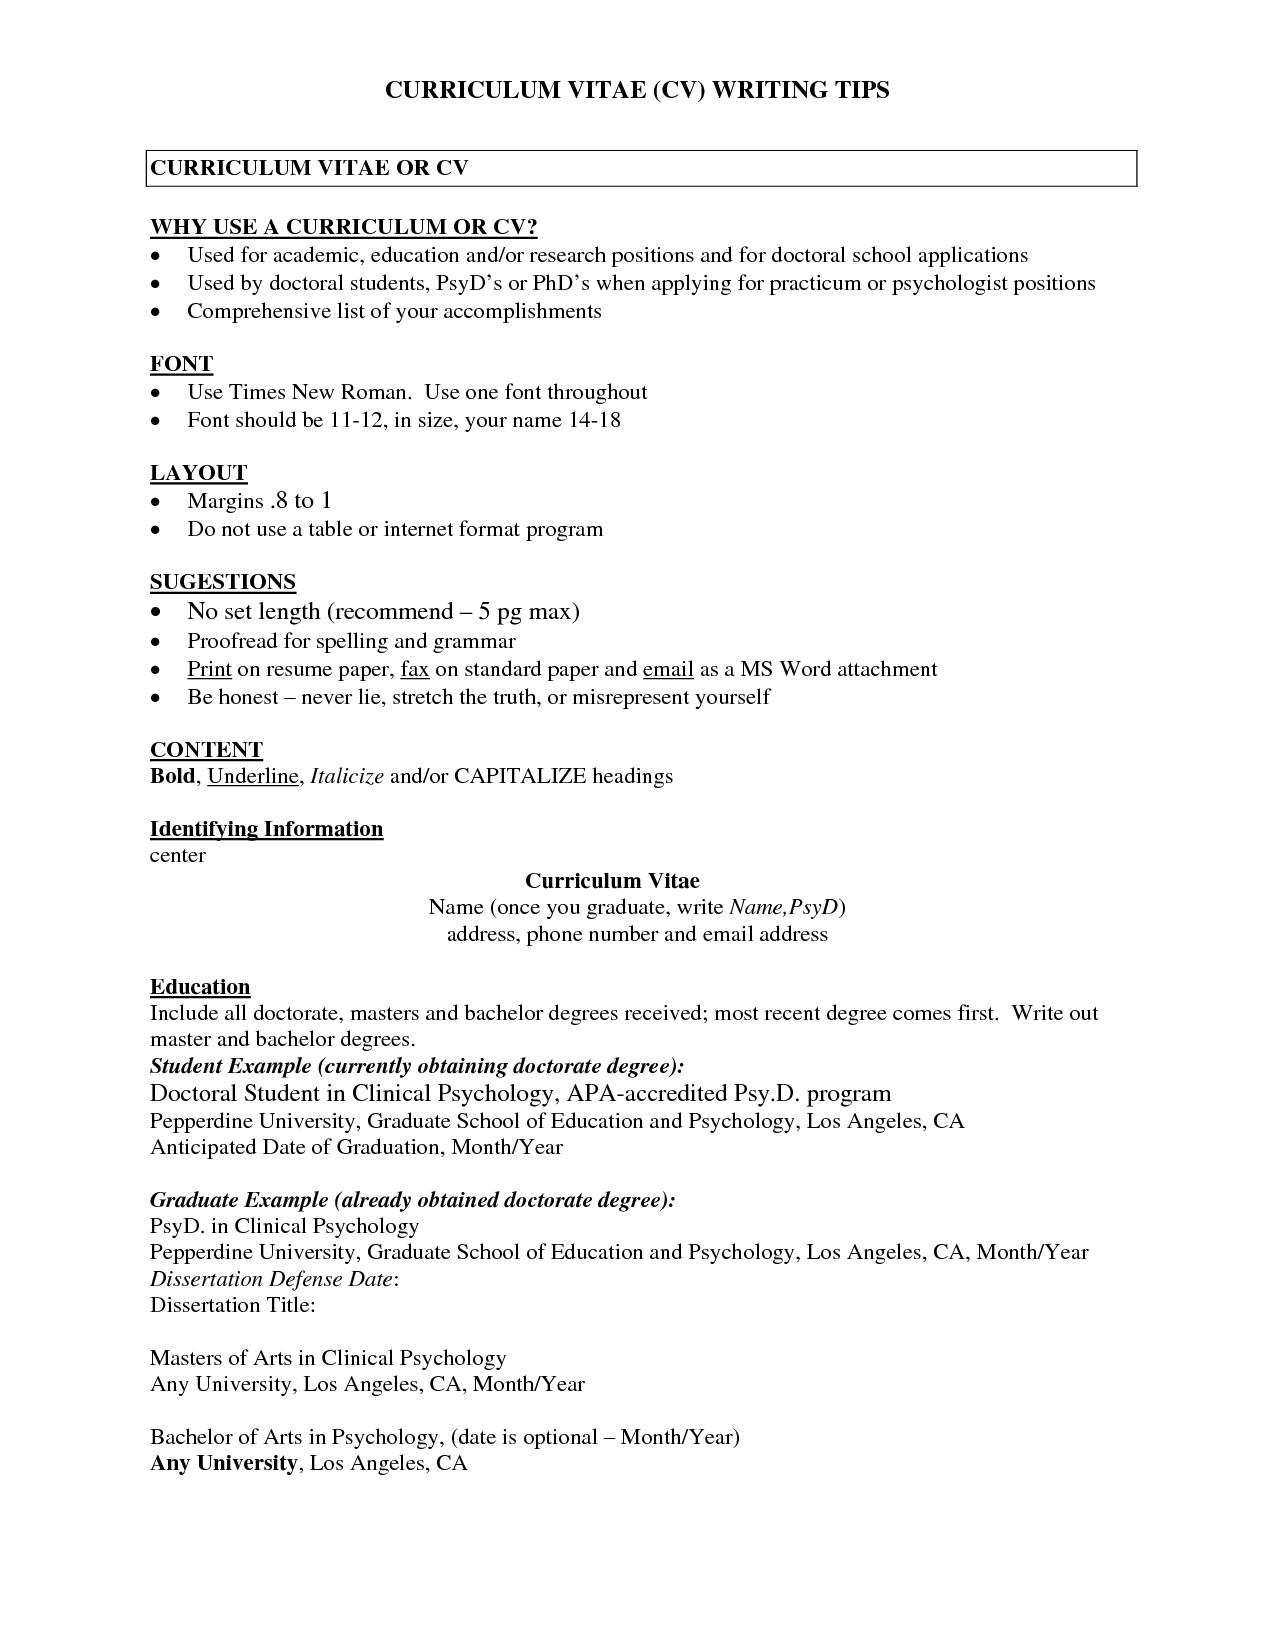 Curriculum Vitae Templates 2017